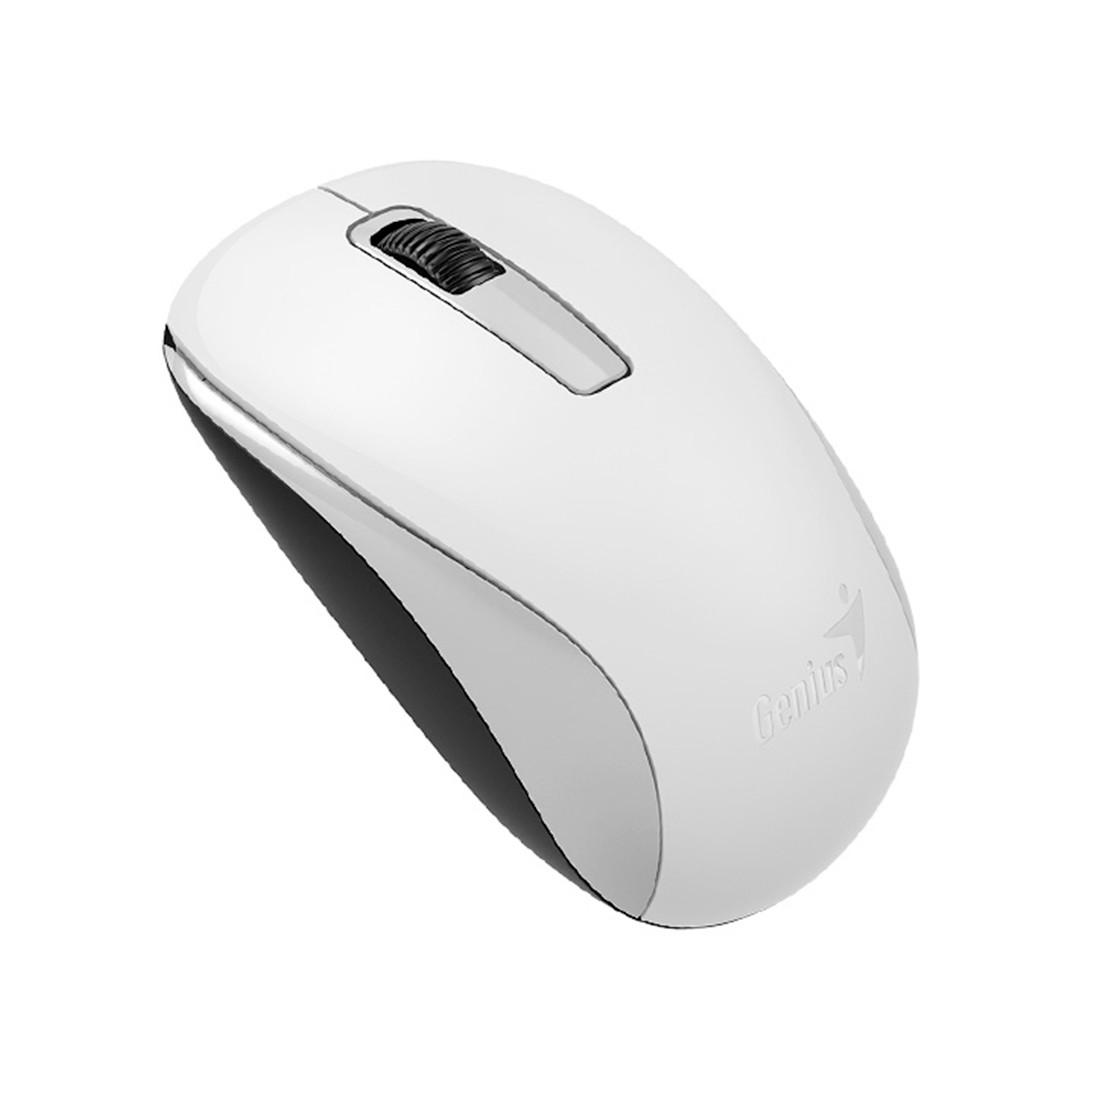 Беспроводная оптическая мышь Genius NX-7005 (White)